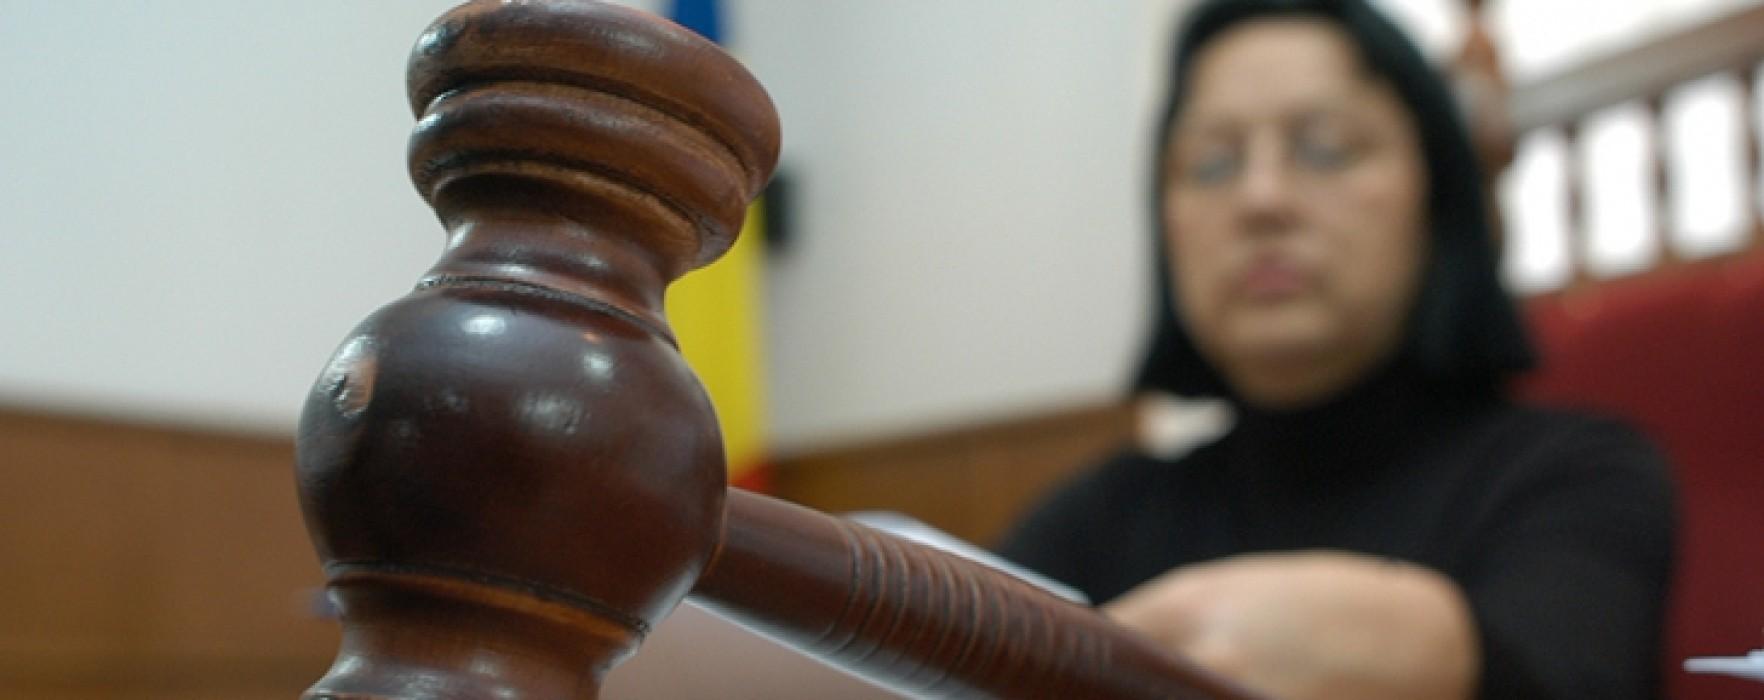 Florin Cergan, fiul judecătoarei Veronica Cârstoiu, trimis în judecată pentru ucidere din culpă